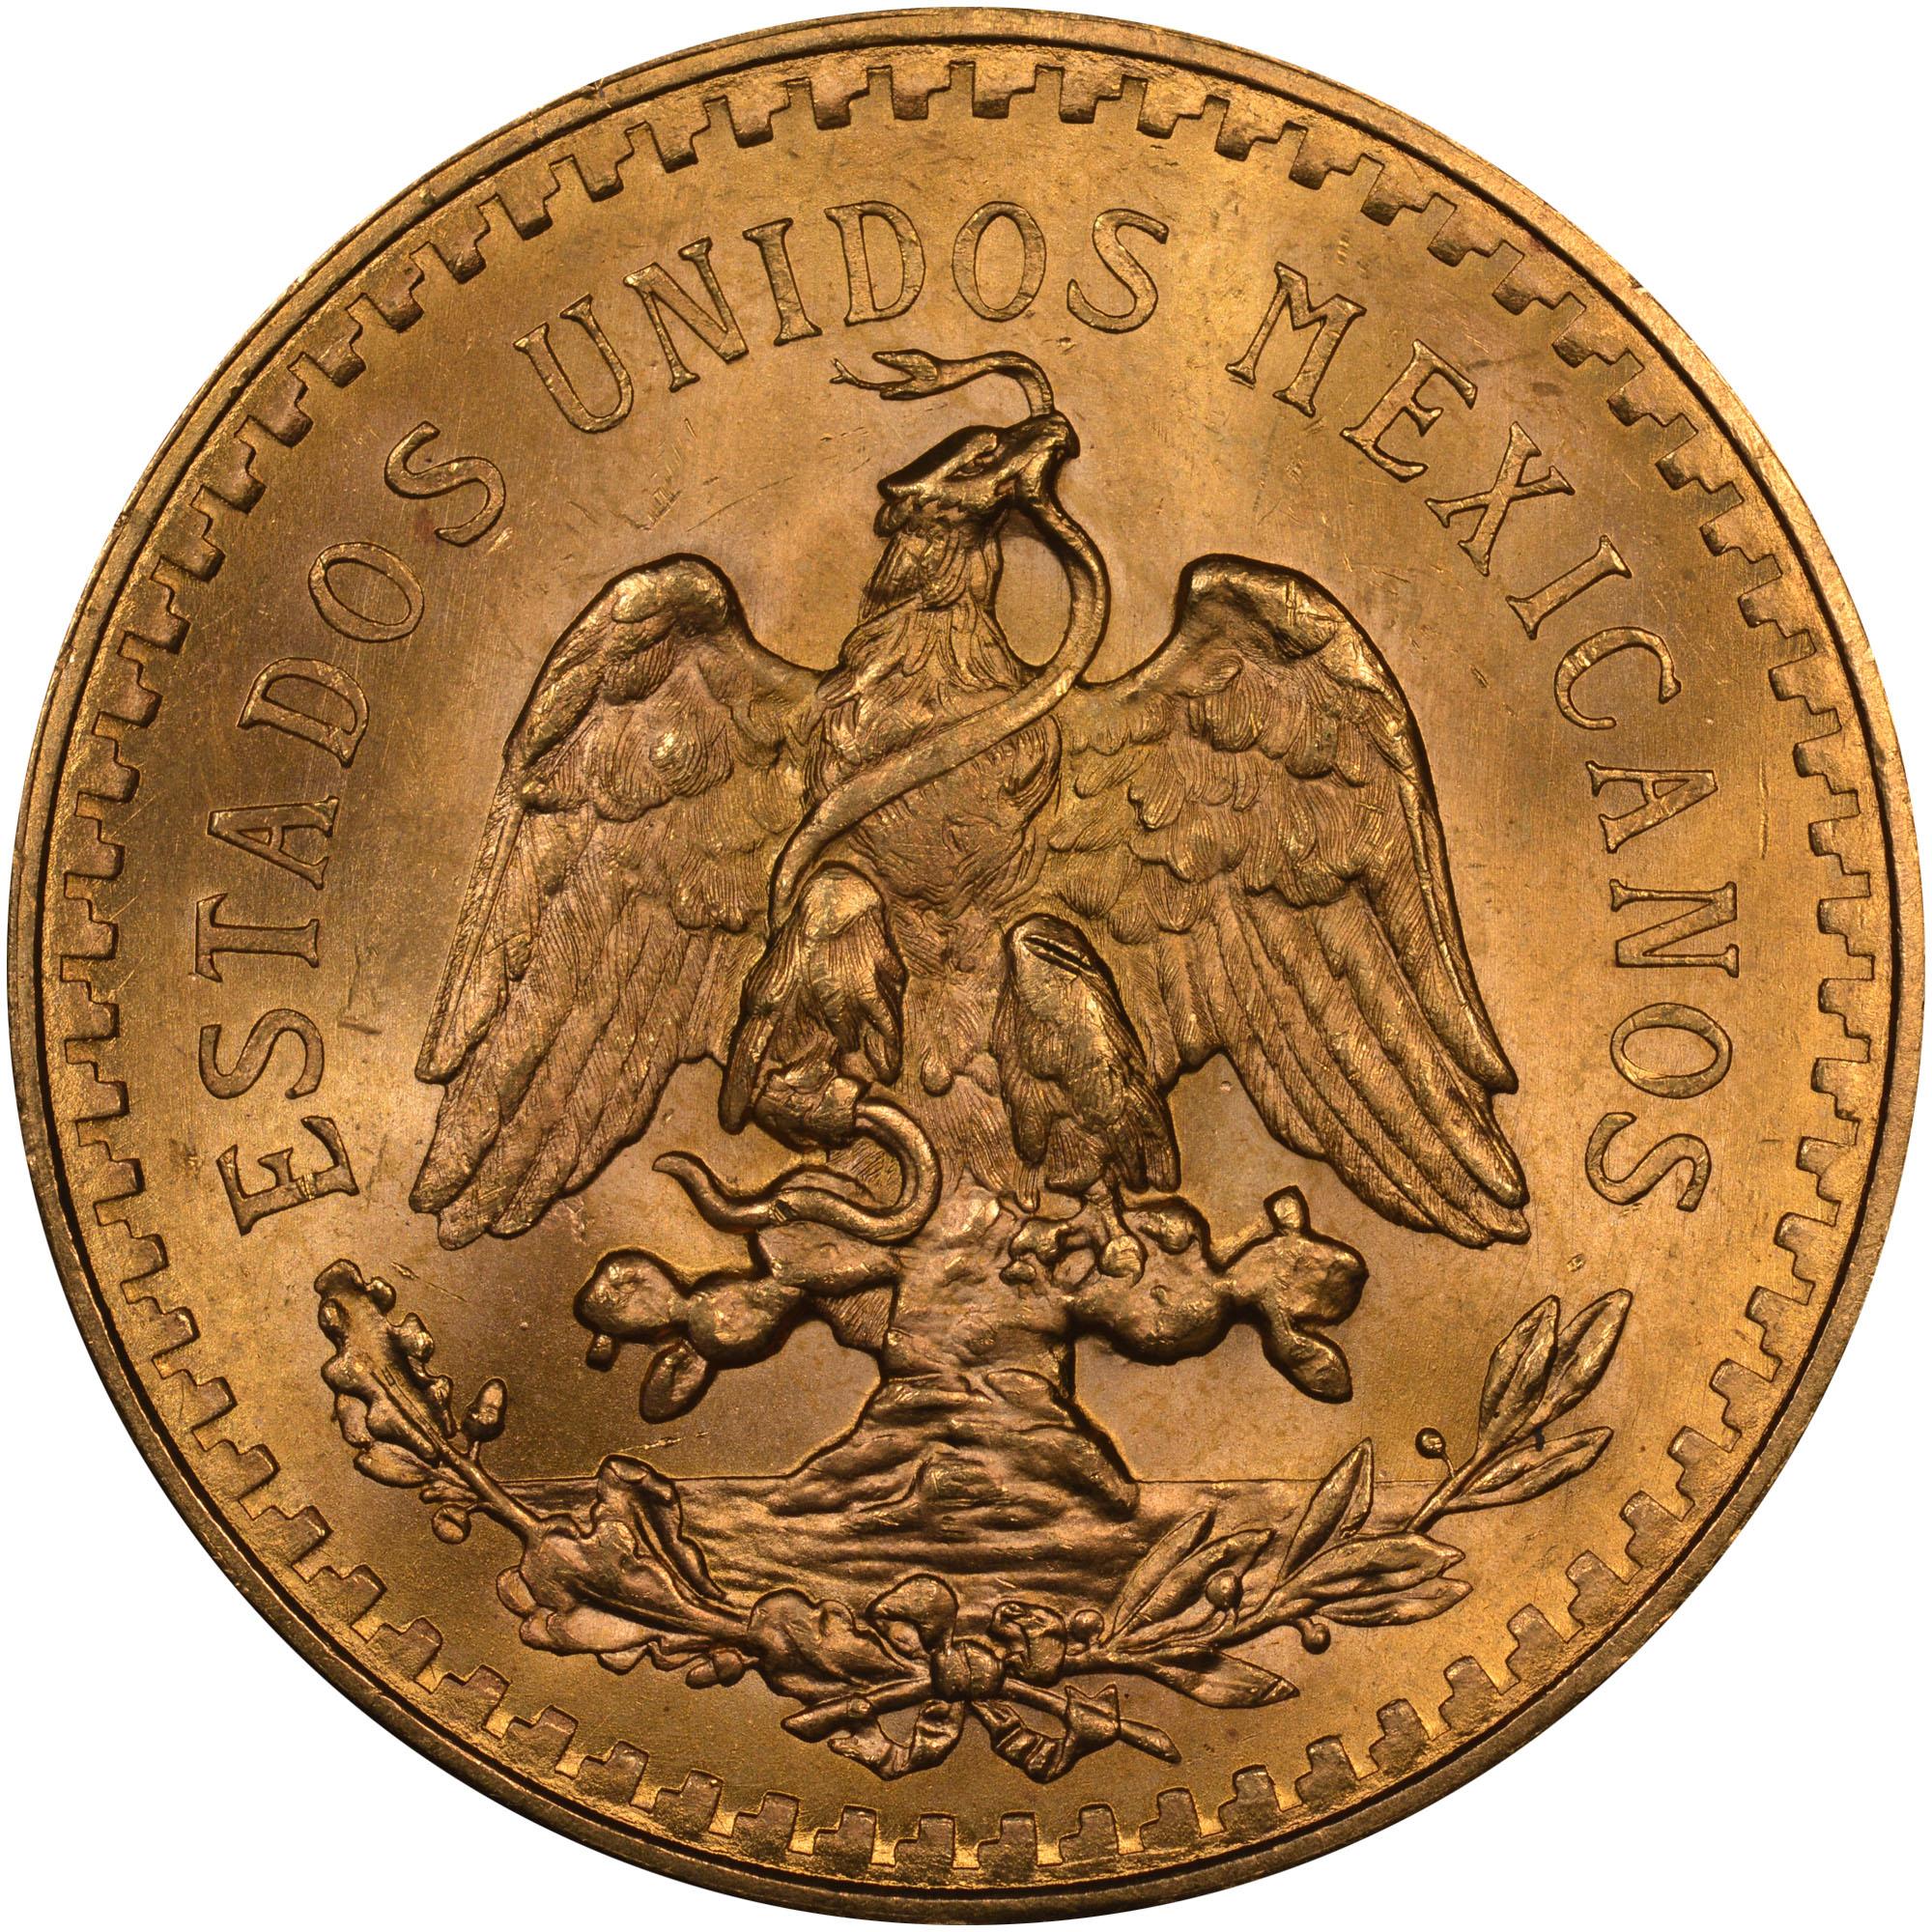 Mexico ESTADOS UNIDOS MEXICANOS 50 Pesos KM 481 Prices ...